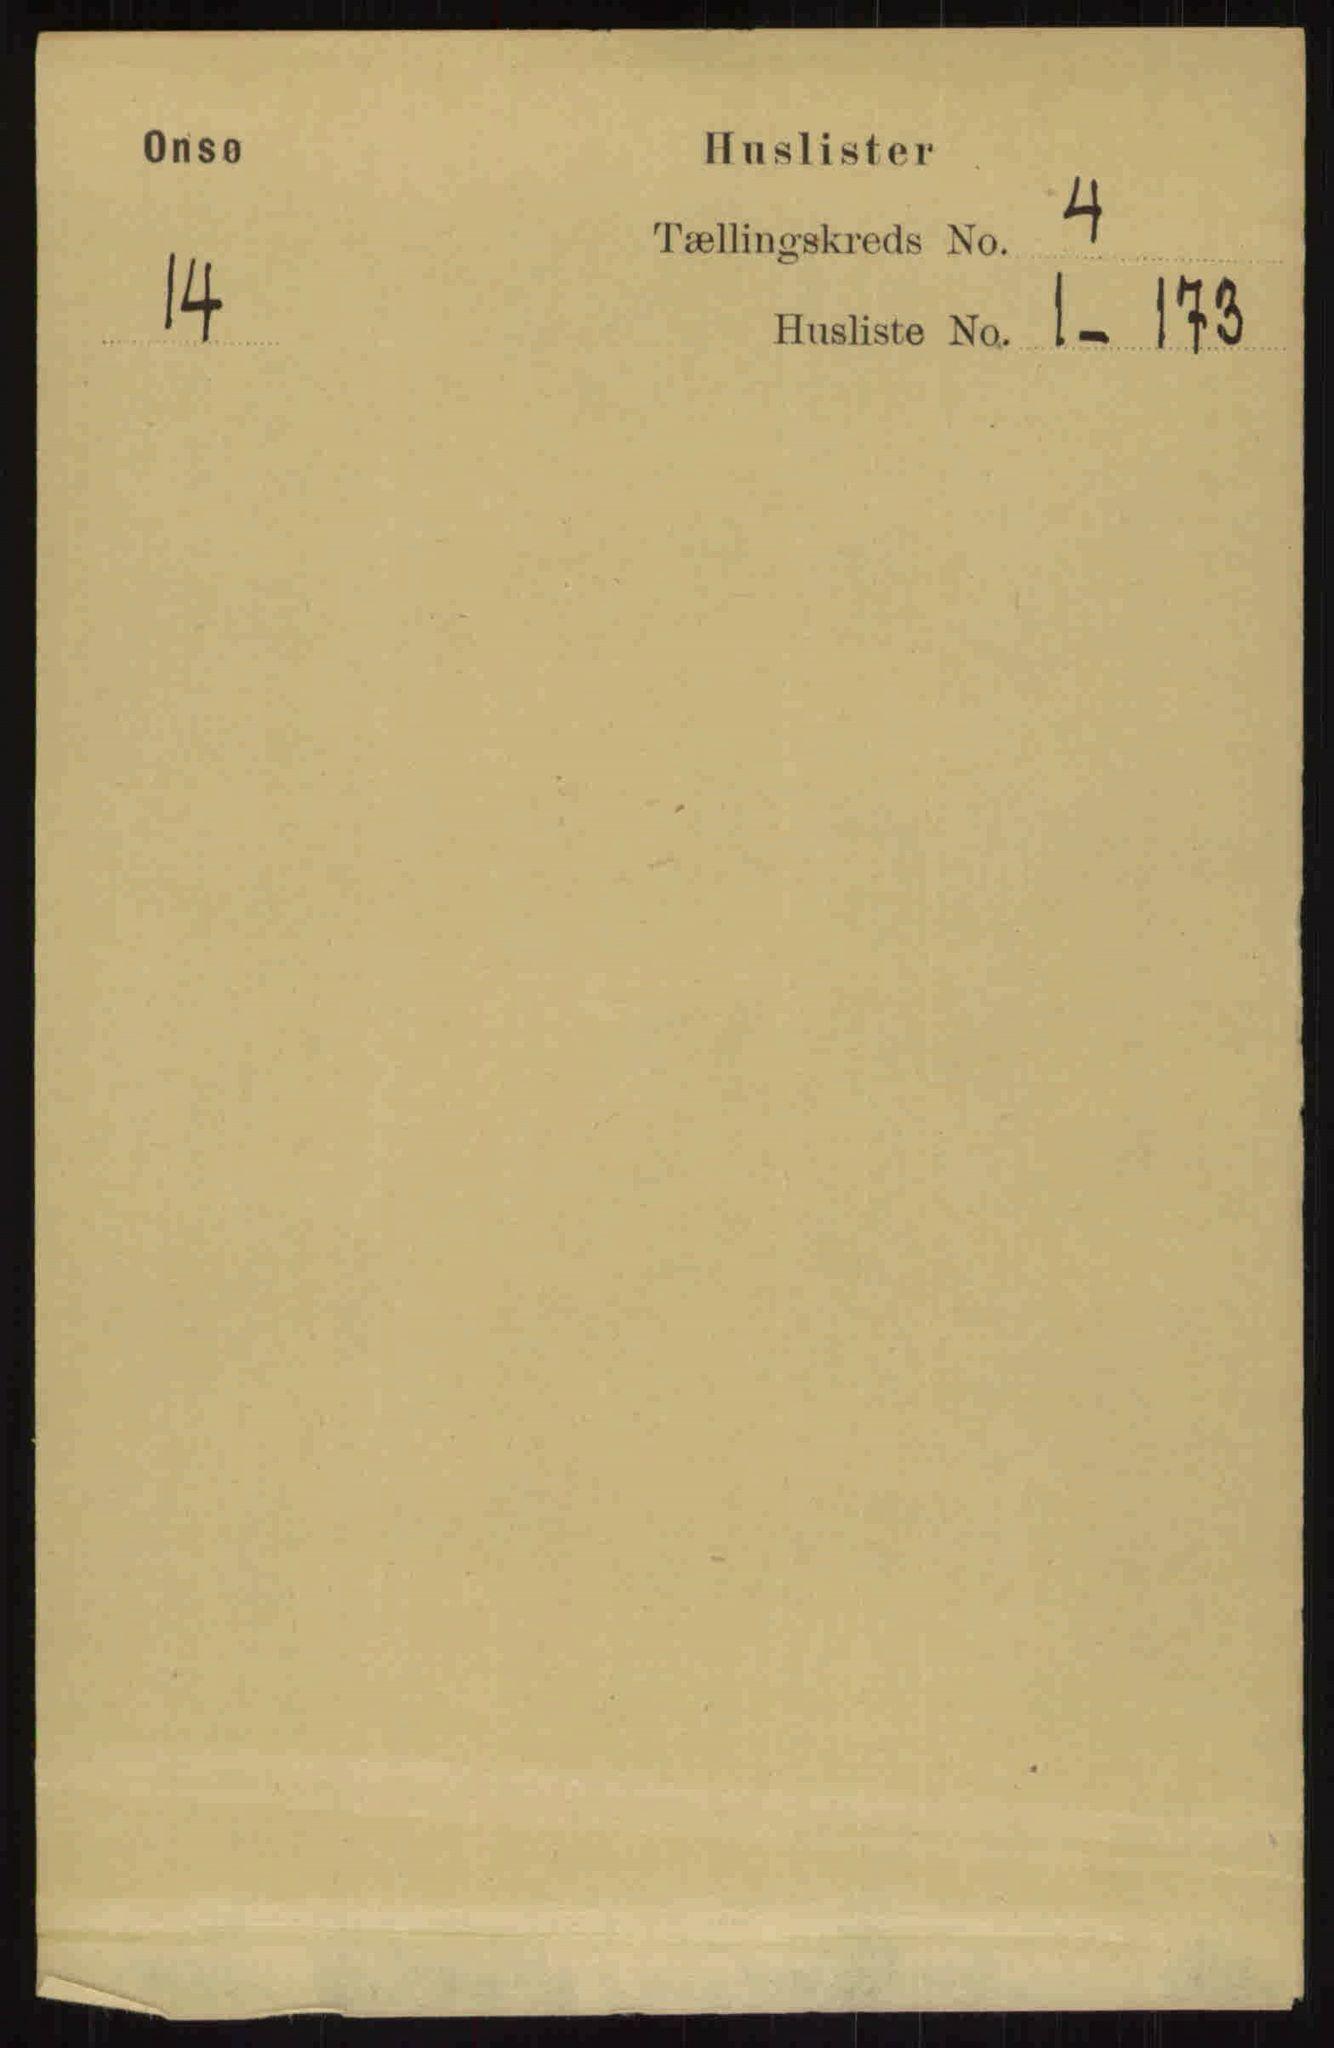 RA, Folketelling 1891 for 0134 Onsøy herred, 1891, s. 2377